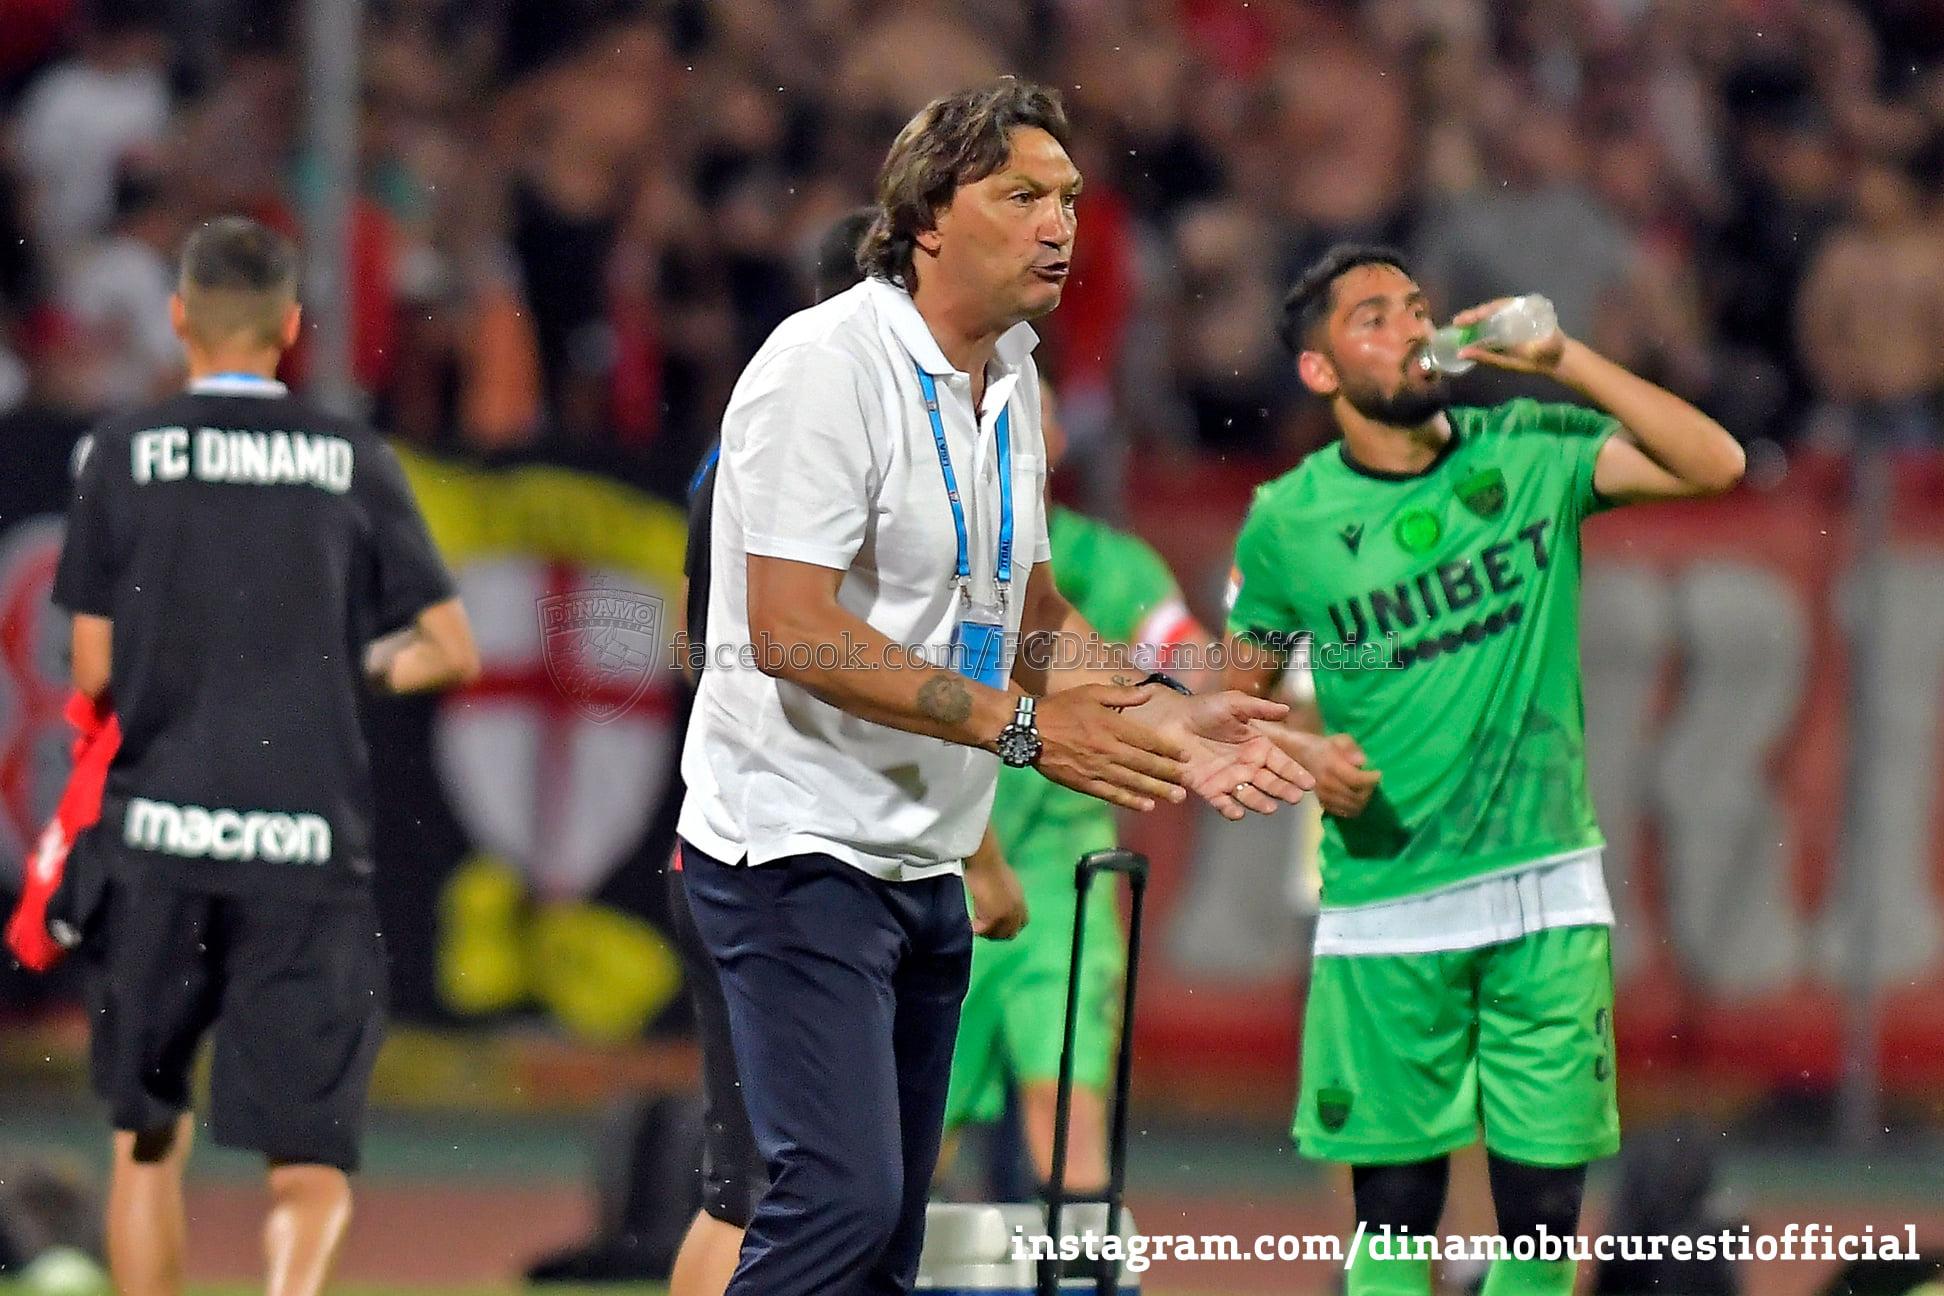 Dario Bonetti, sursa foto: Dinamo/Facebook